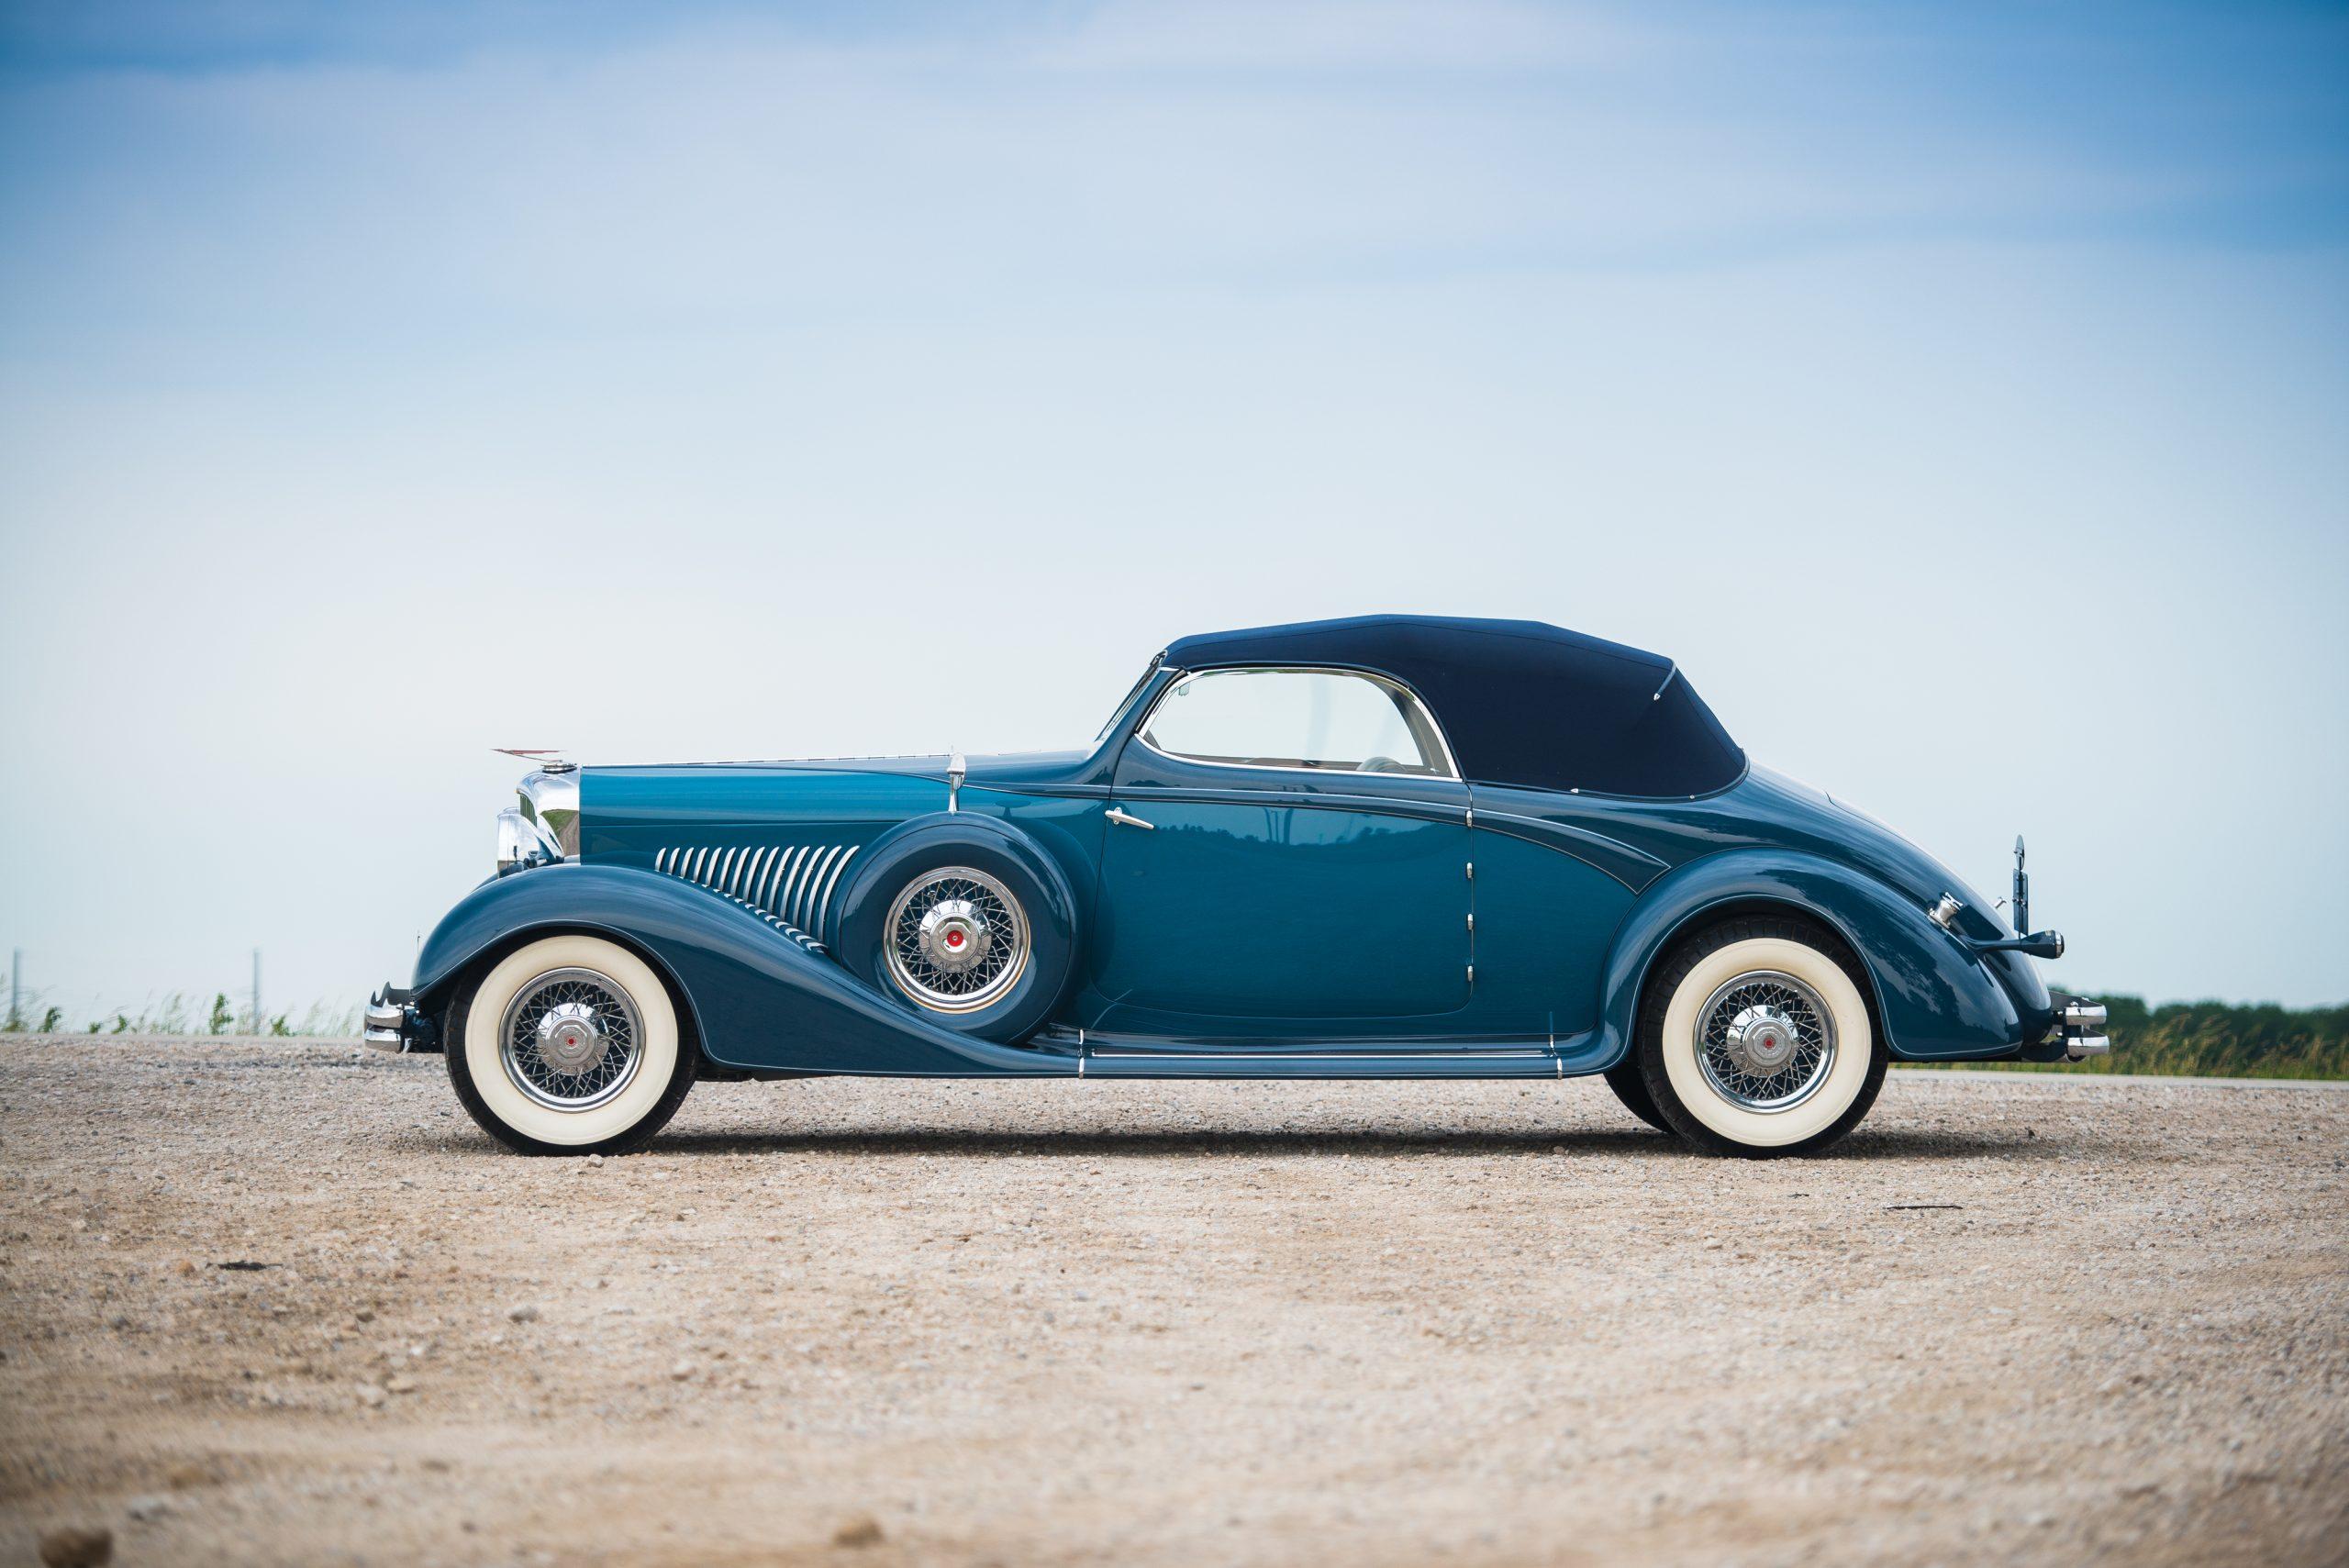 vintage duesenberg model j side profile